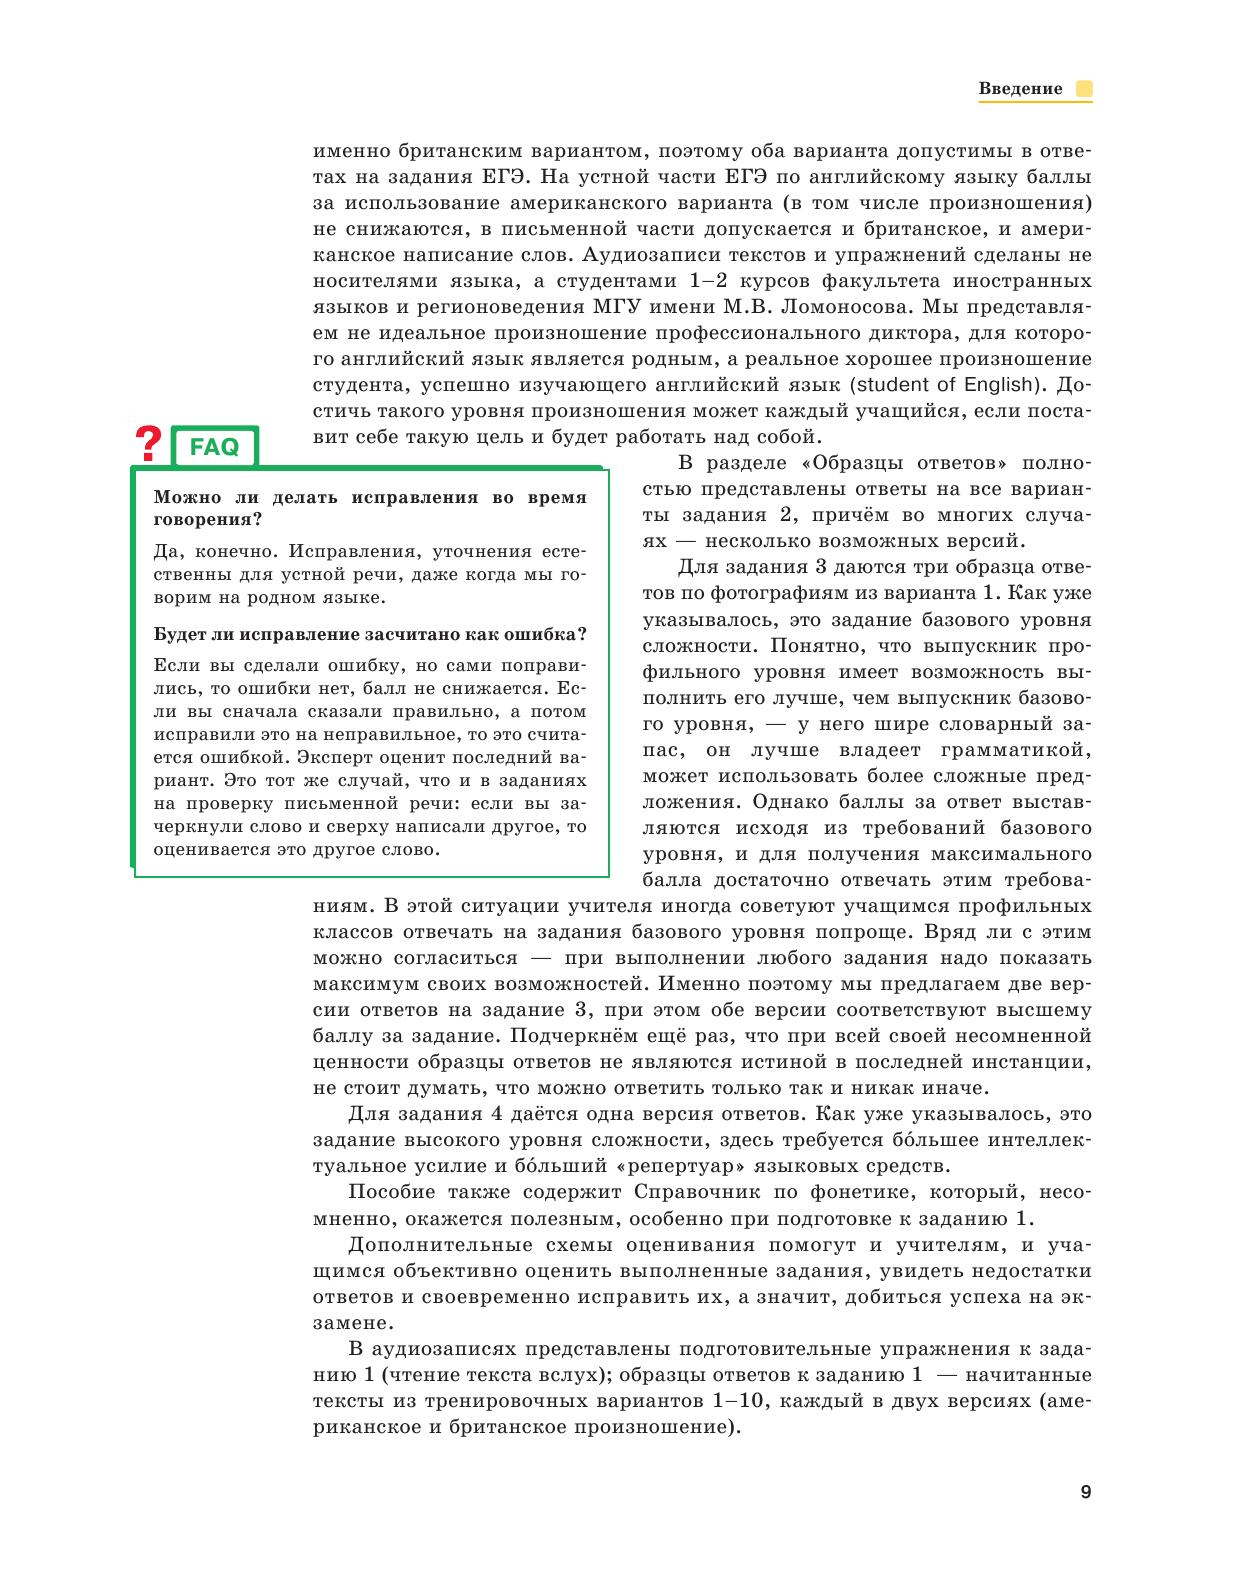 Устная часть ЕГЭ по английскому языку. 10–11классы. Практикум - страница 7